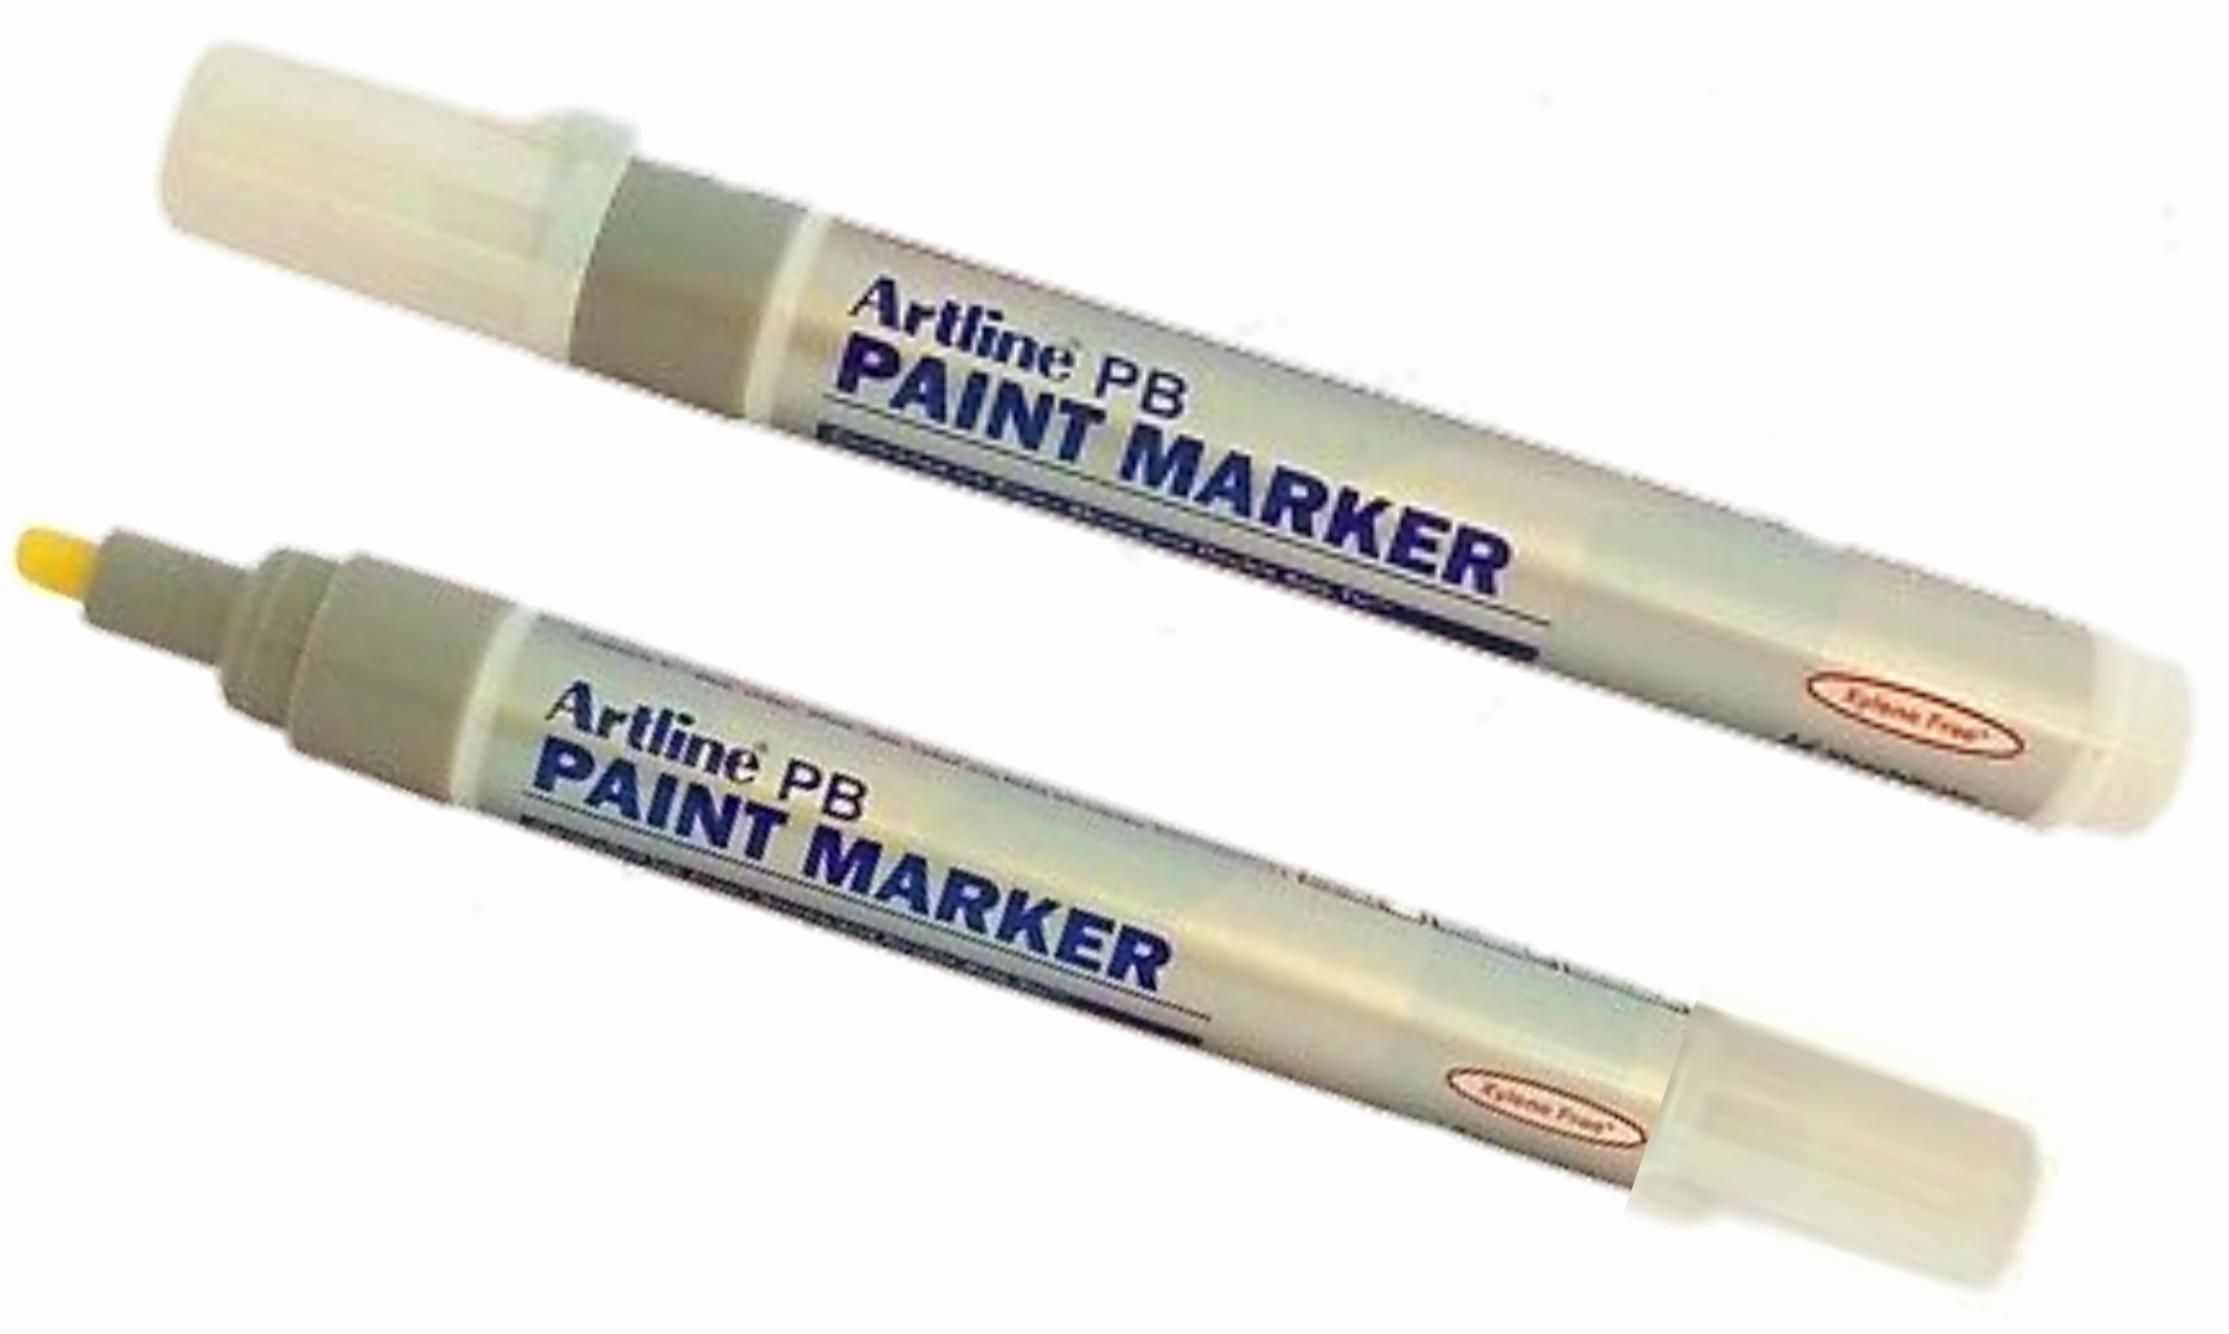 Artline PB Paint Marker White 2.3 mm Tip Pack of 1